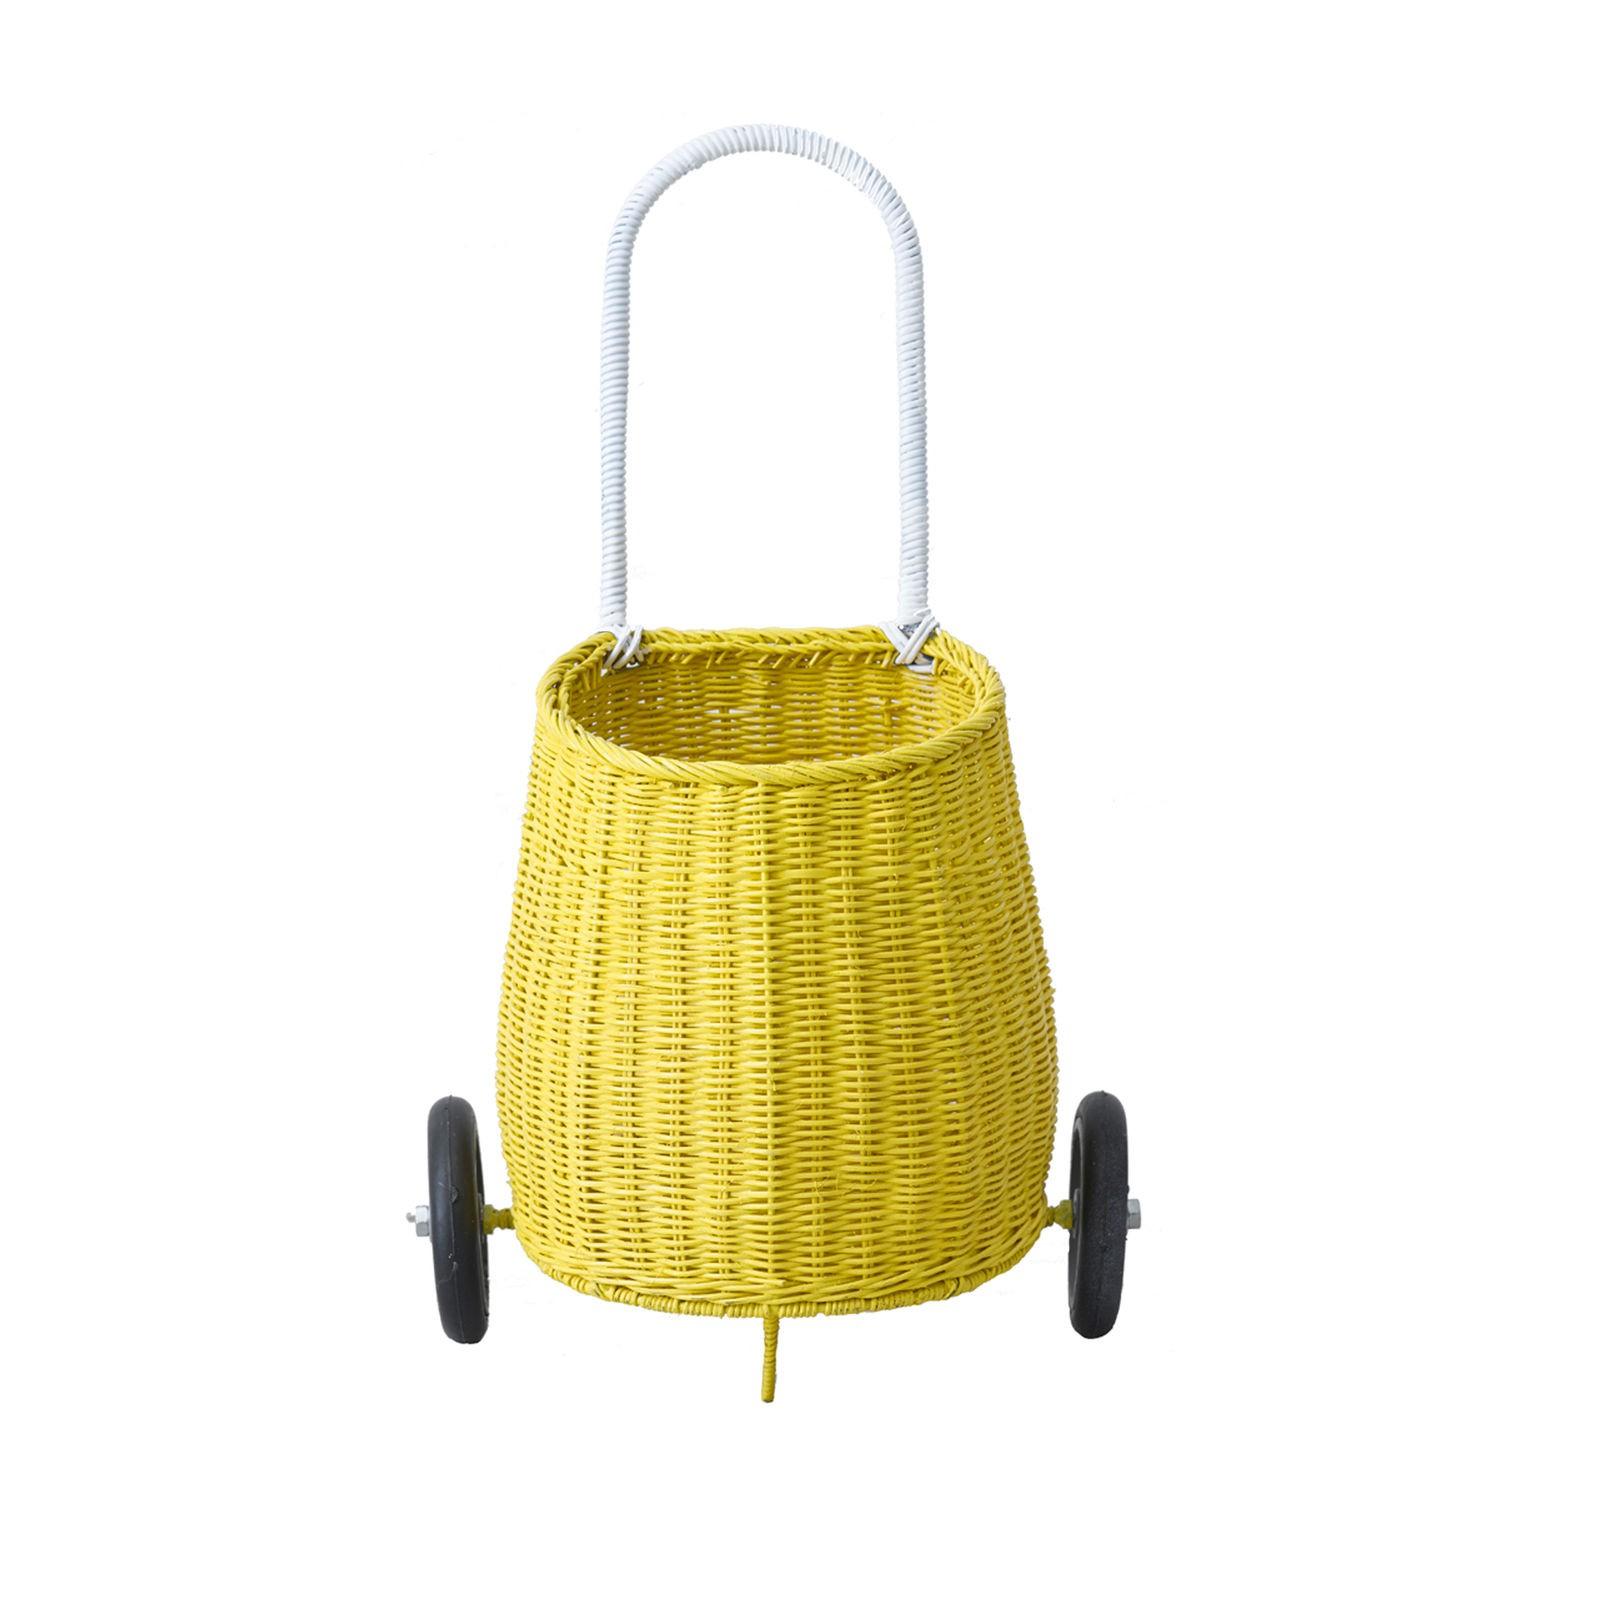 Luggy yellow